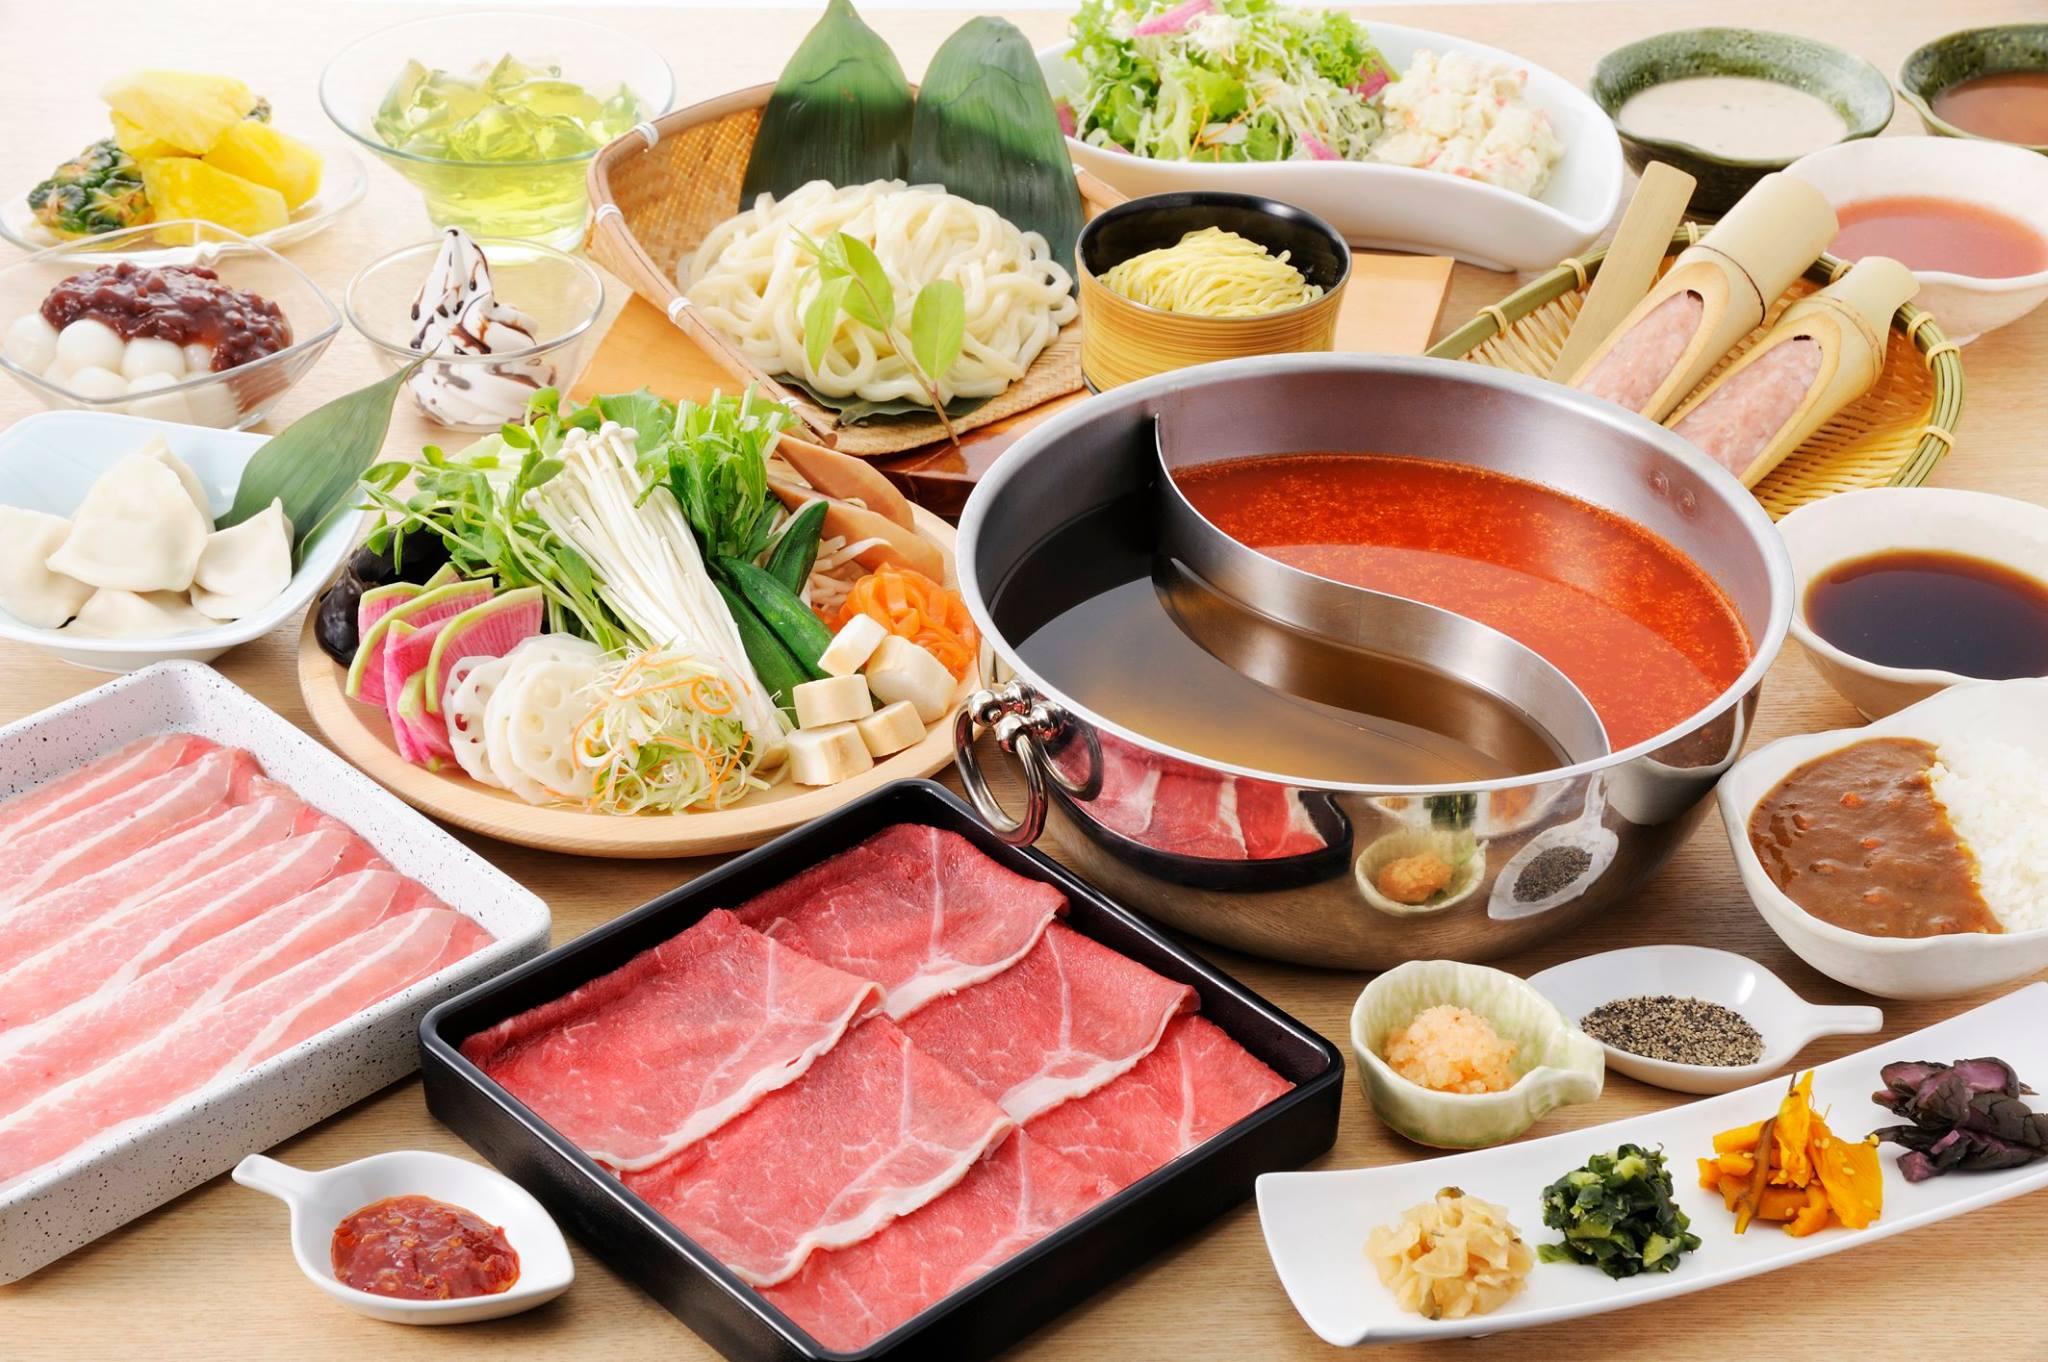 涮乃葉 syabu-yo 日式涮涮鍋吃到飽 – 宜蘭新月廣場店 – 生日優惠網